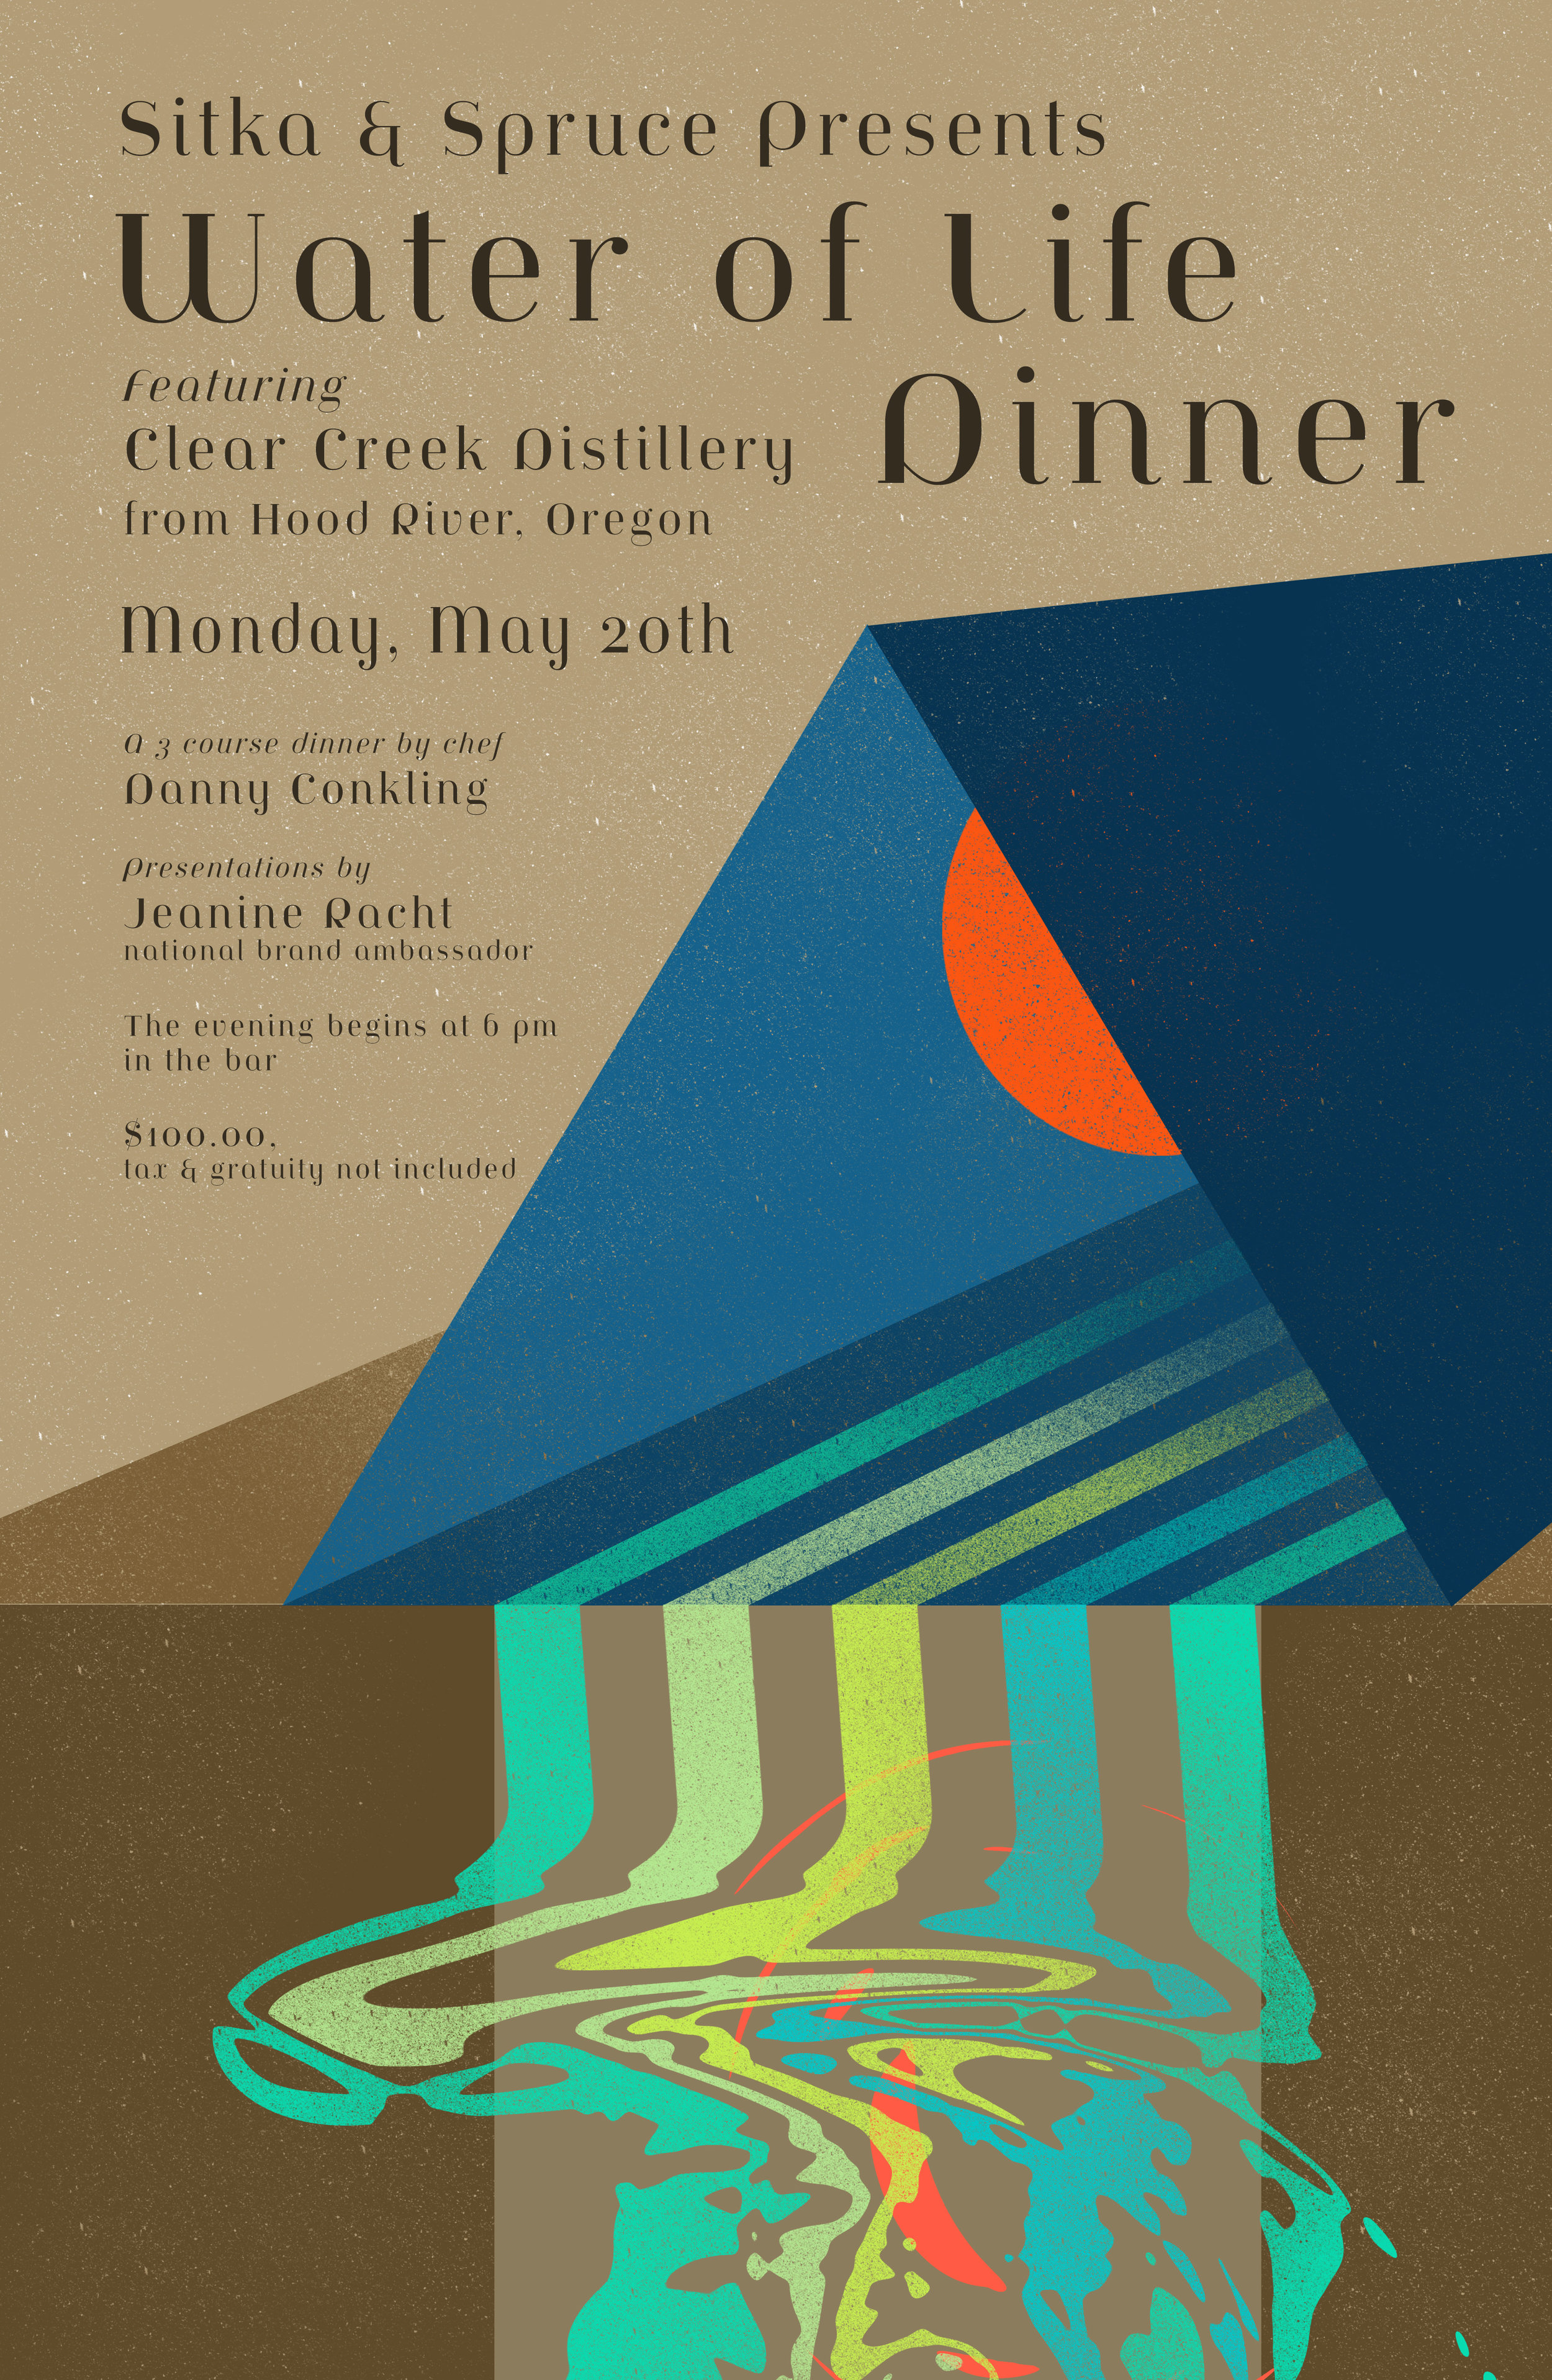 Water of life dinner poster poster.jpg